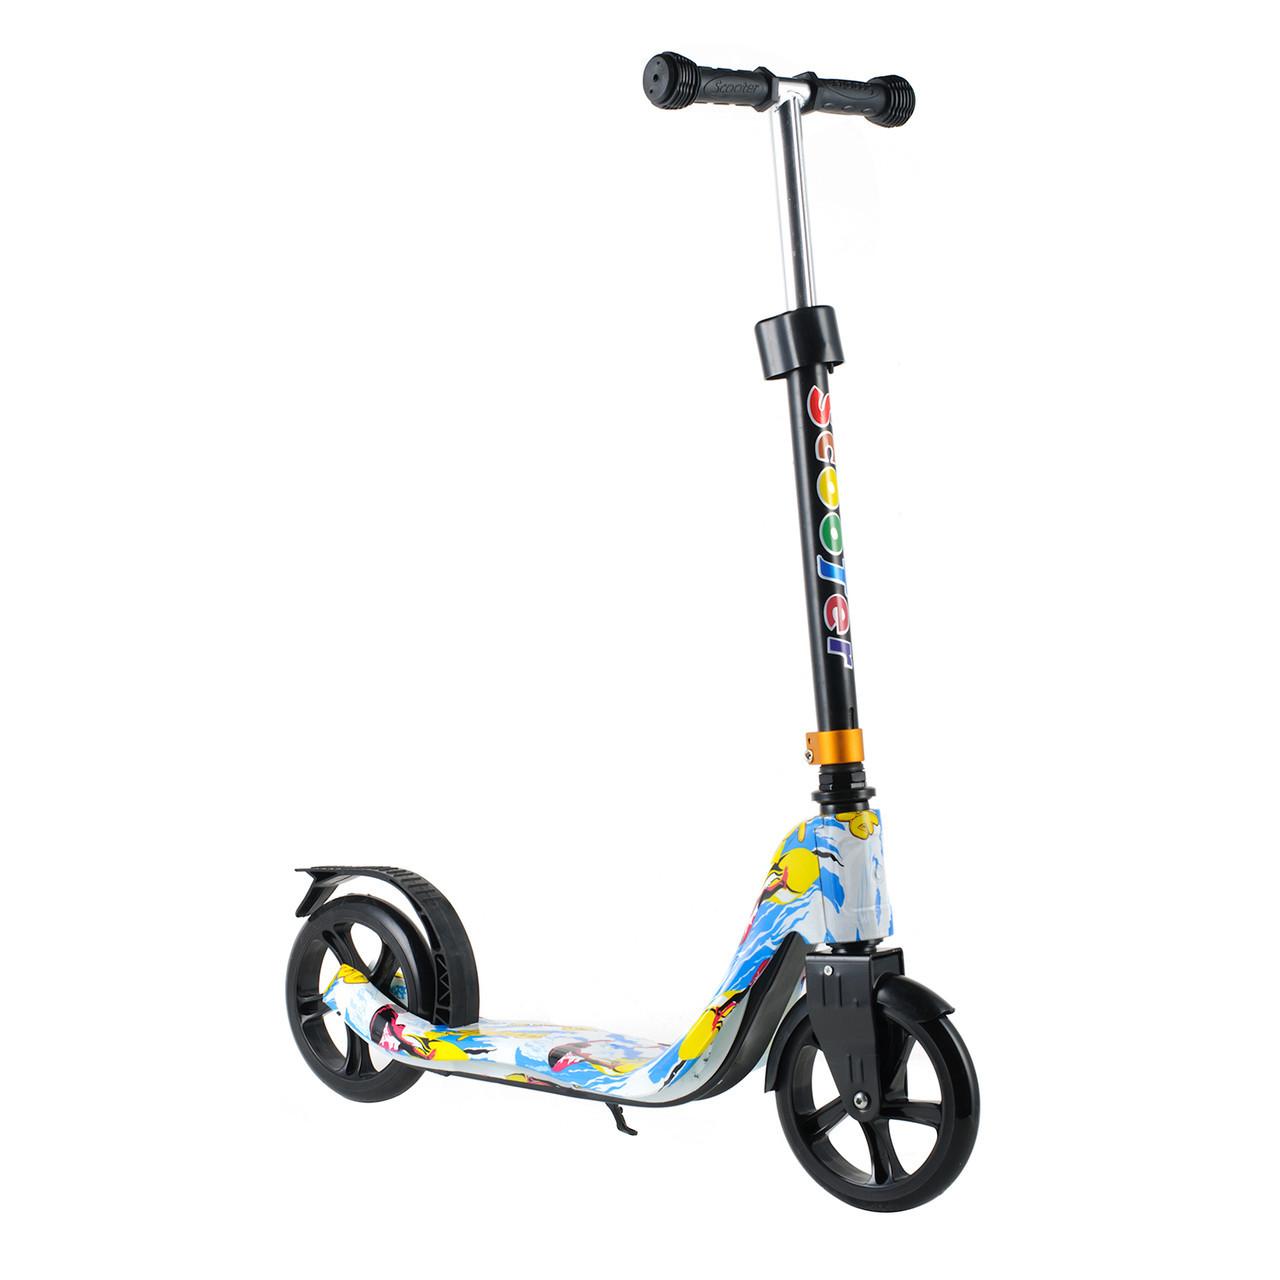 Самокат двухколесный Scooter 280 для детей от 5 лет с PU колесами